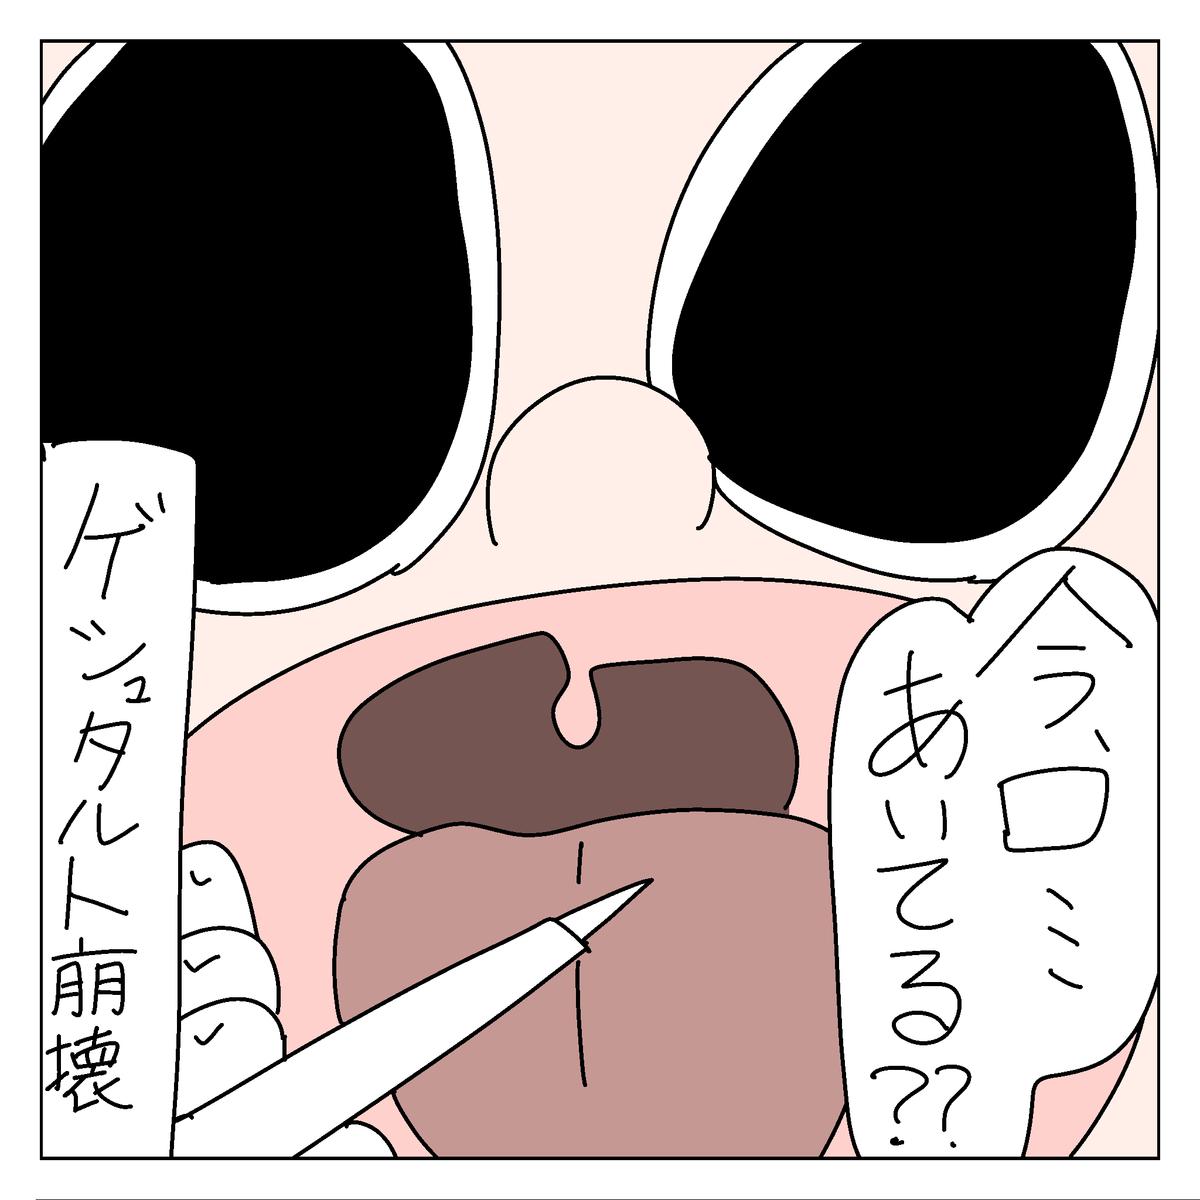 f:id:YuruFuwaTa:20200430102317p:plain